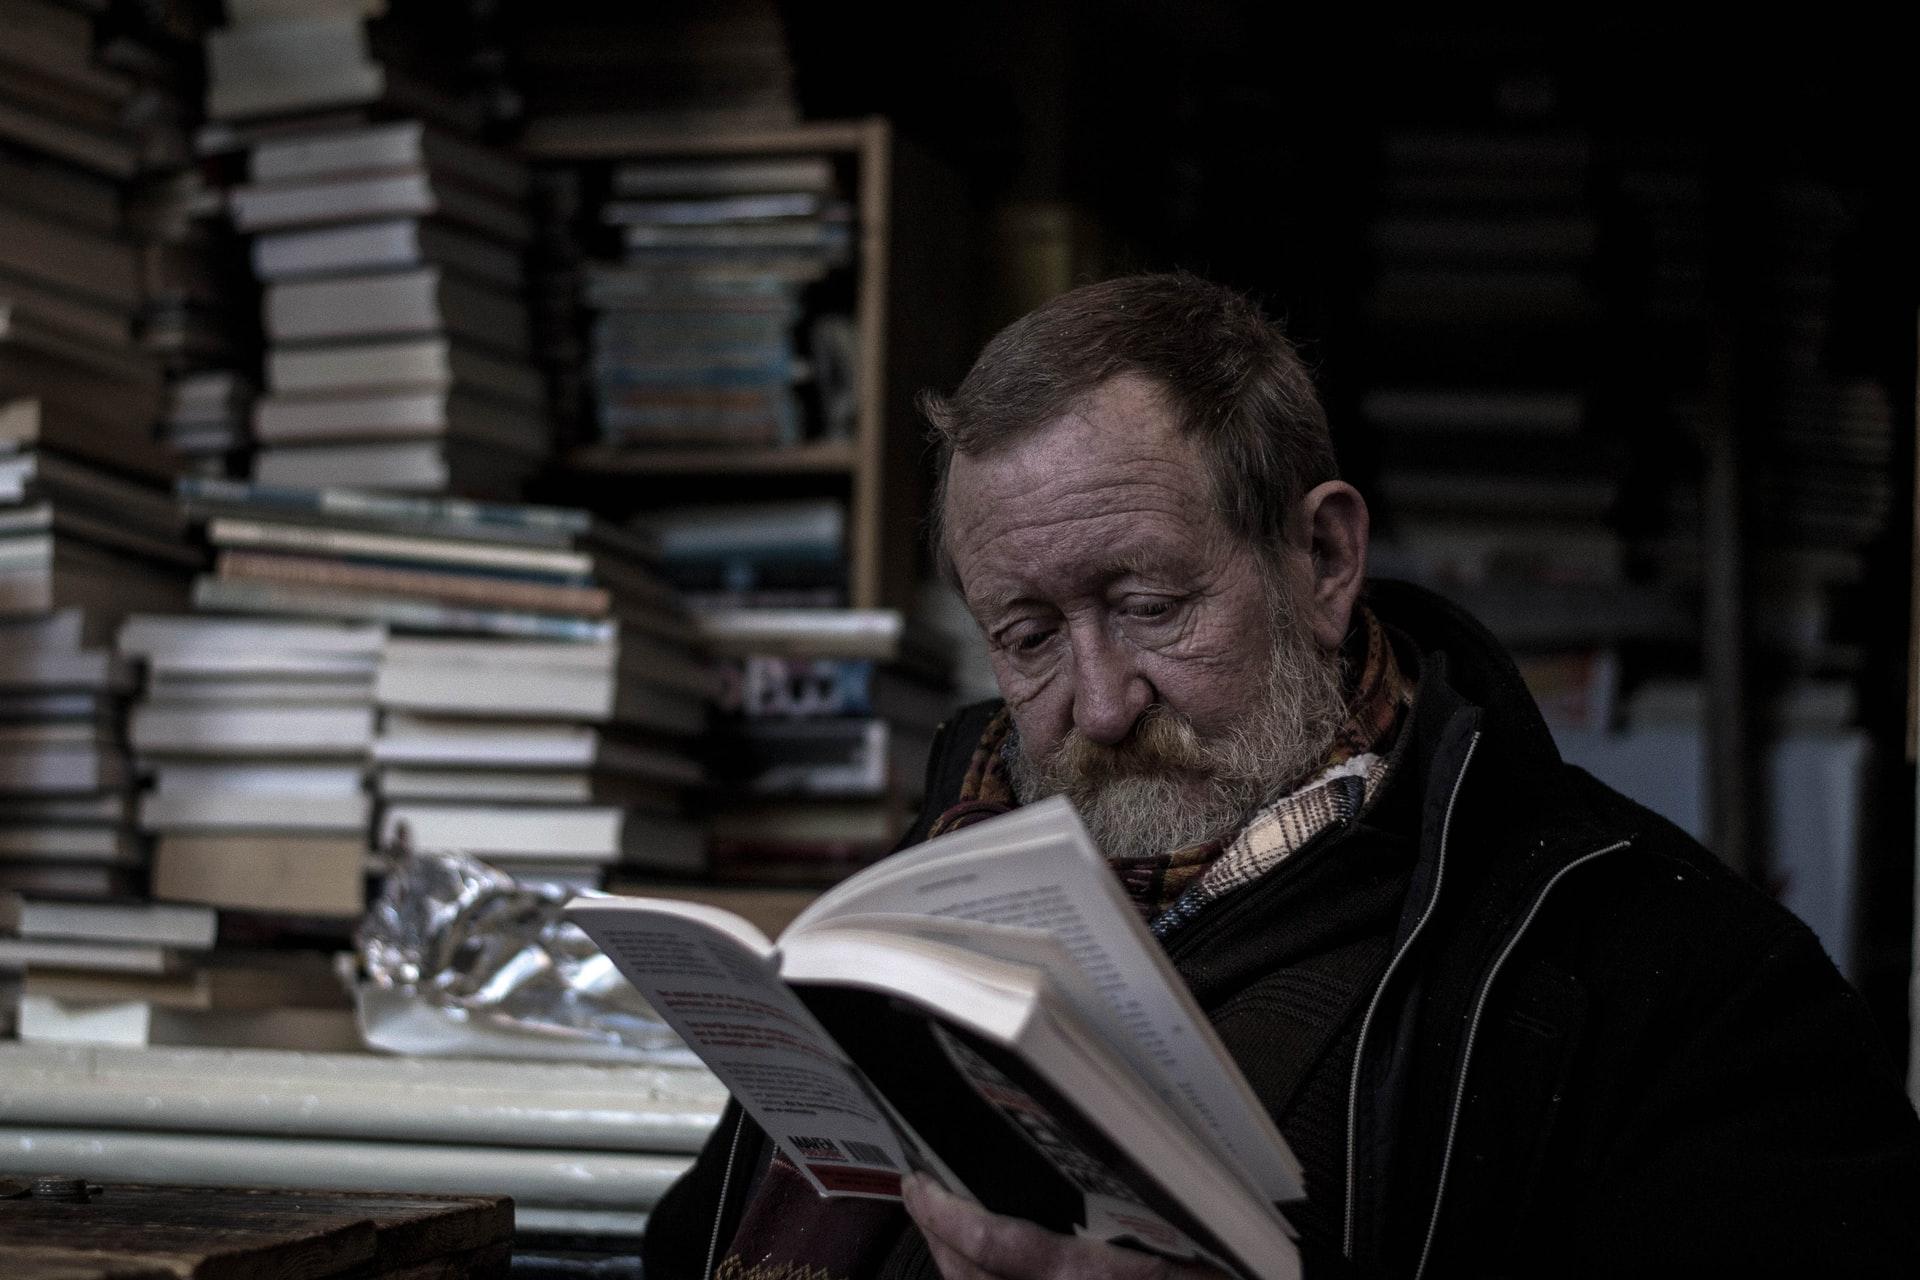 An elderly man reading a book.